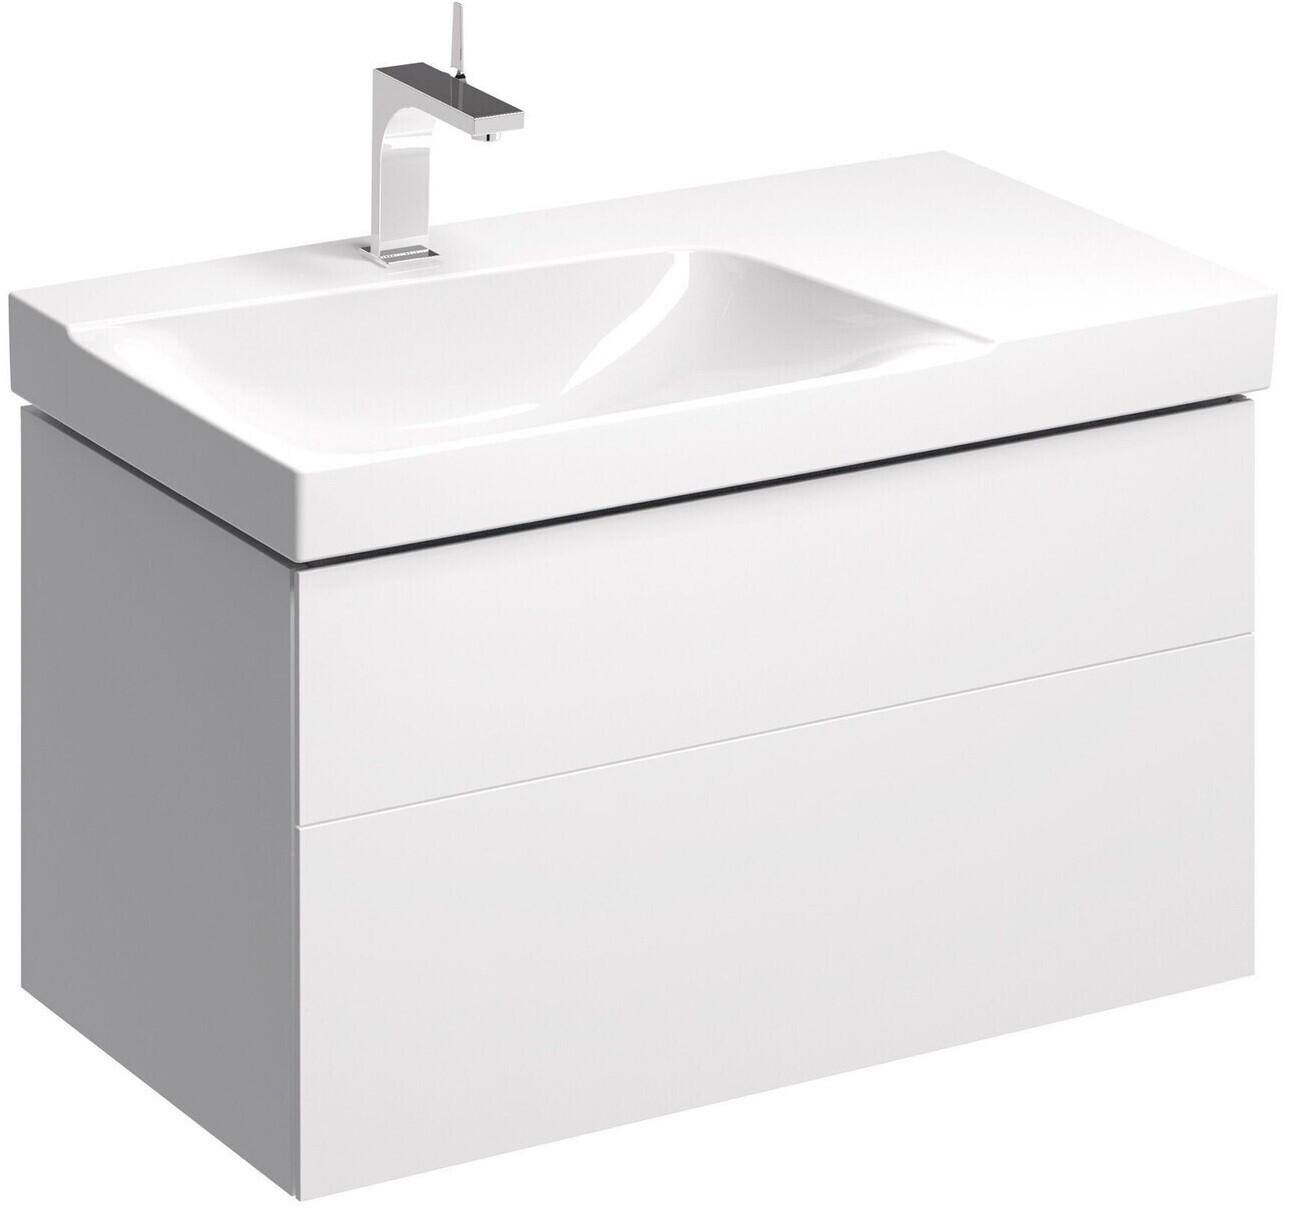 Meuble bas pour lavabo Geberit Xeno² 90 cm avec plage de dépose avec deux tiroirs en blanc laqué ultra-brillant